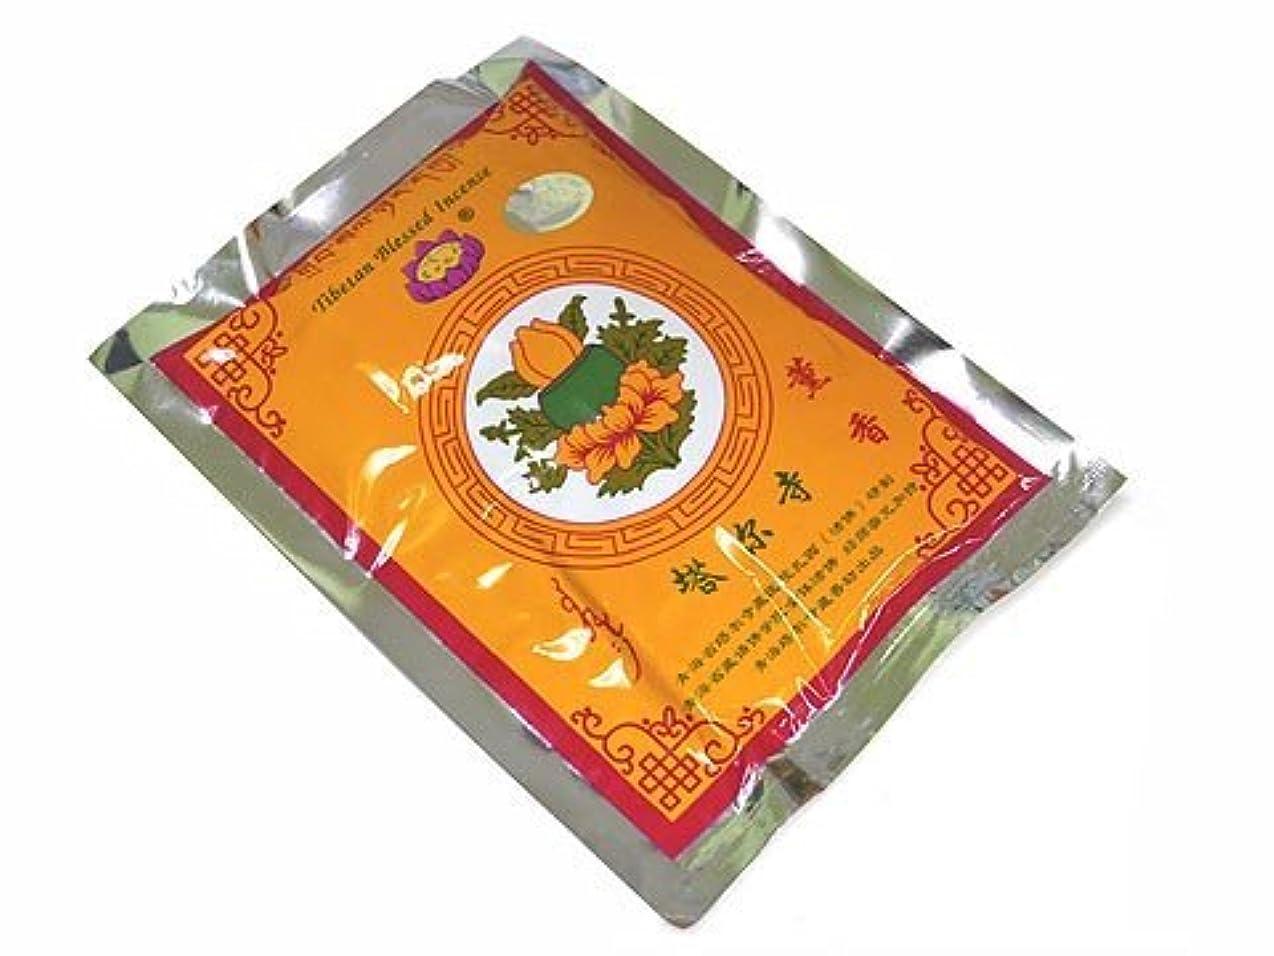 引っ張るロゴ管理するタールゴンパ チベット仏教塔 寺(タールゴンパ)【密宗清除薫香パウダータイプ】